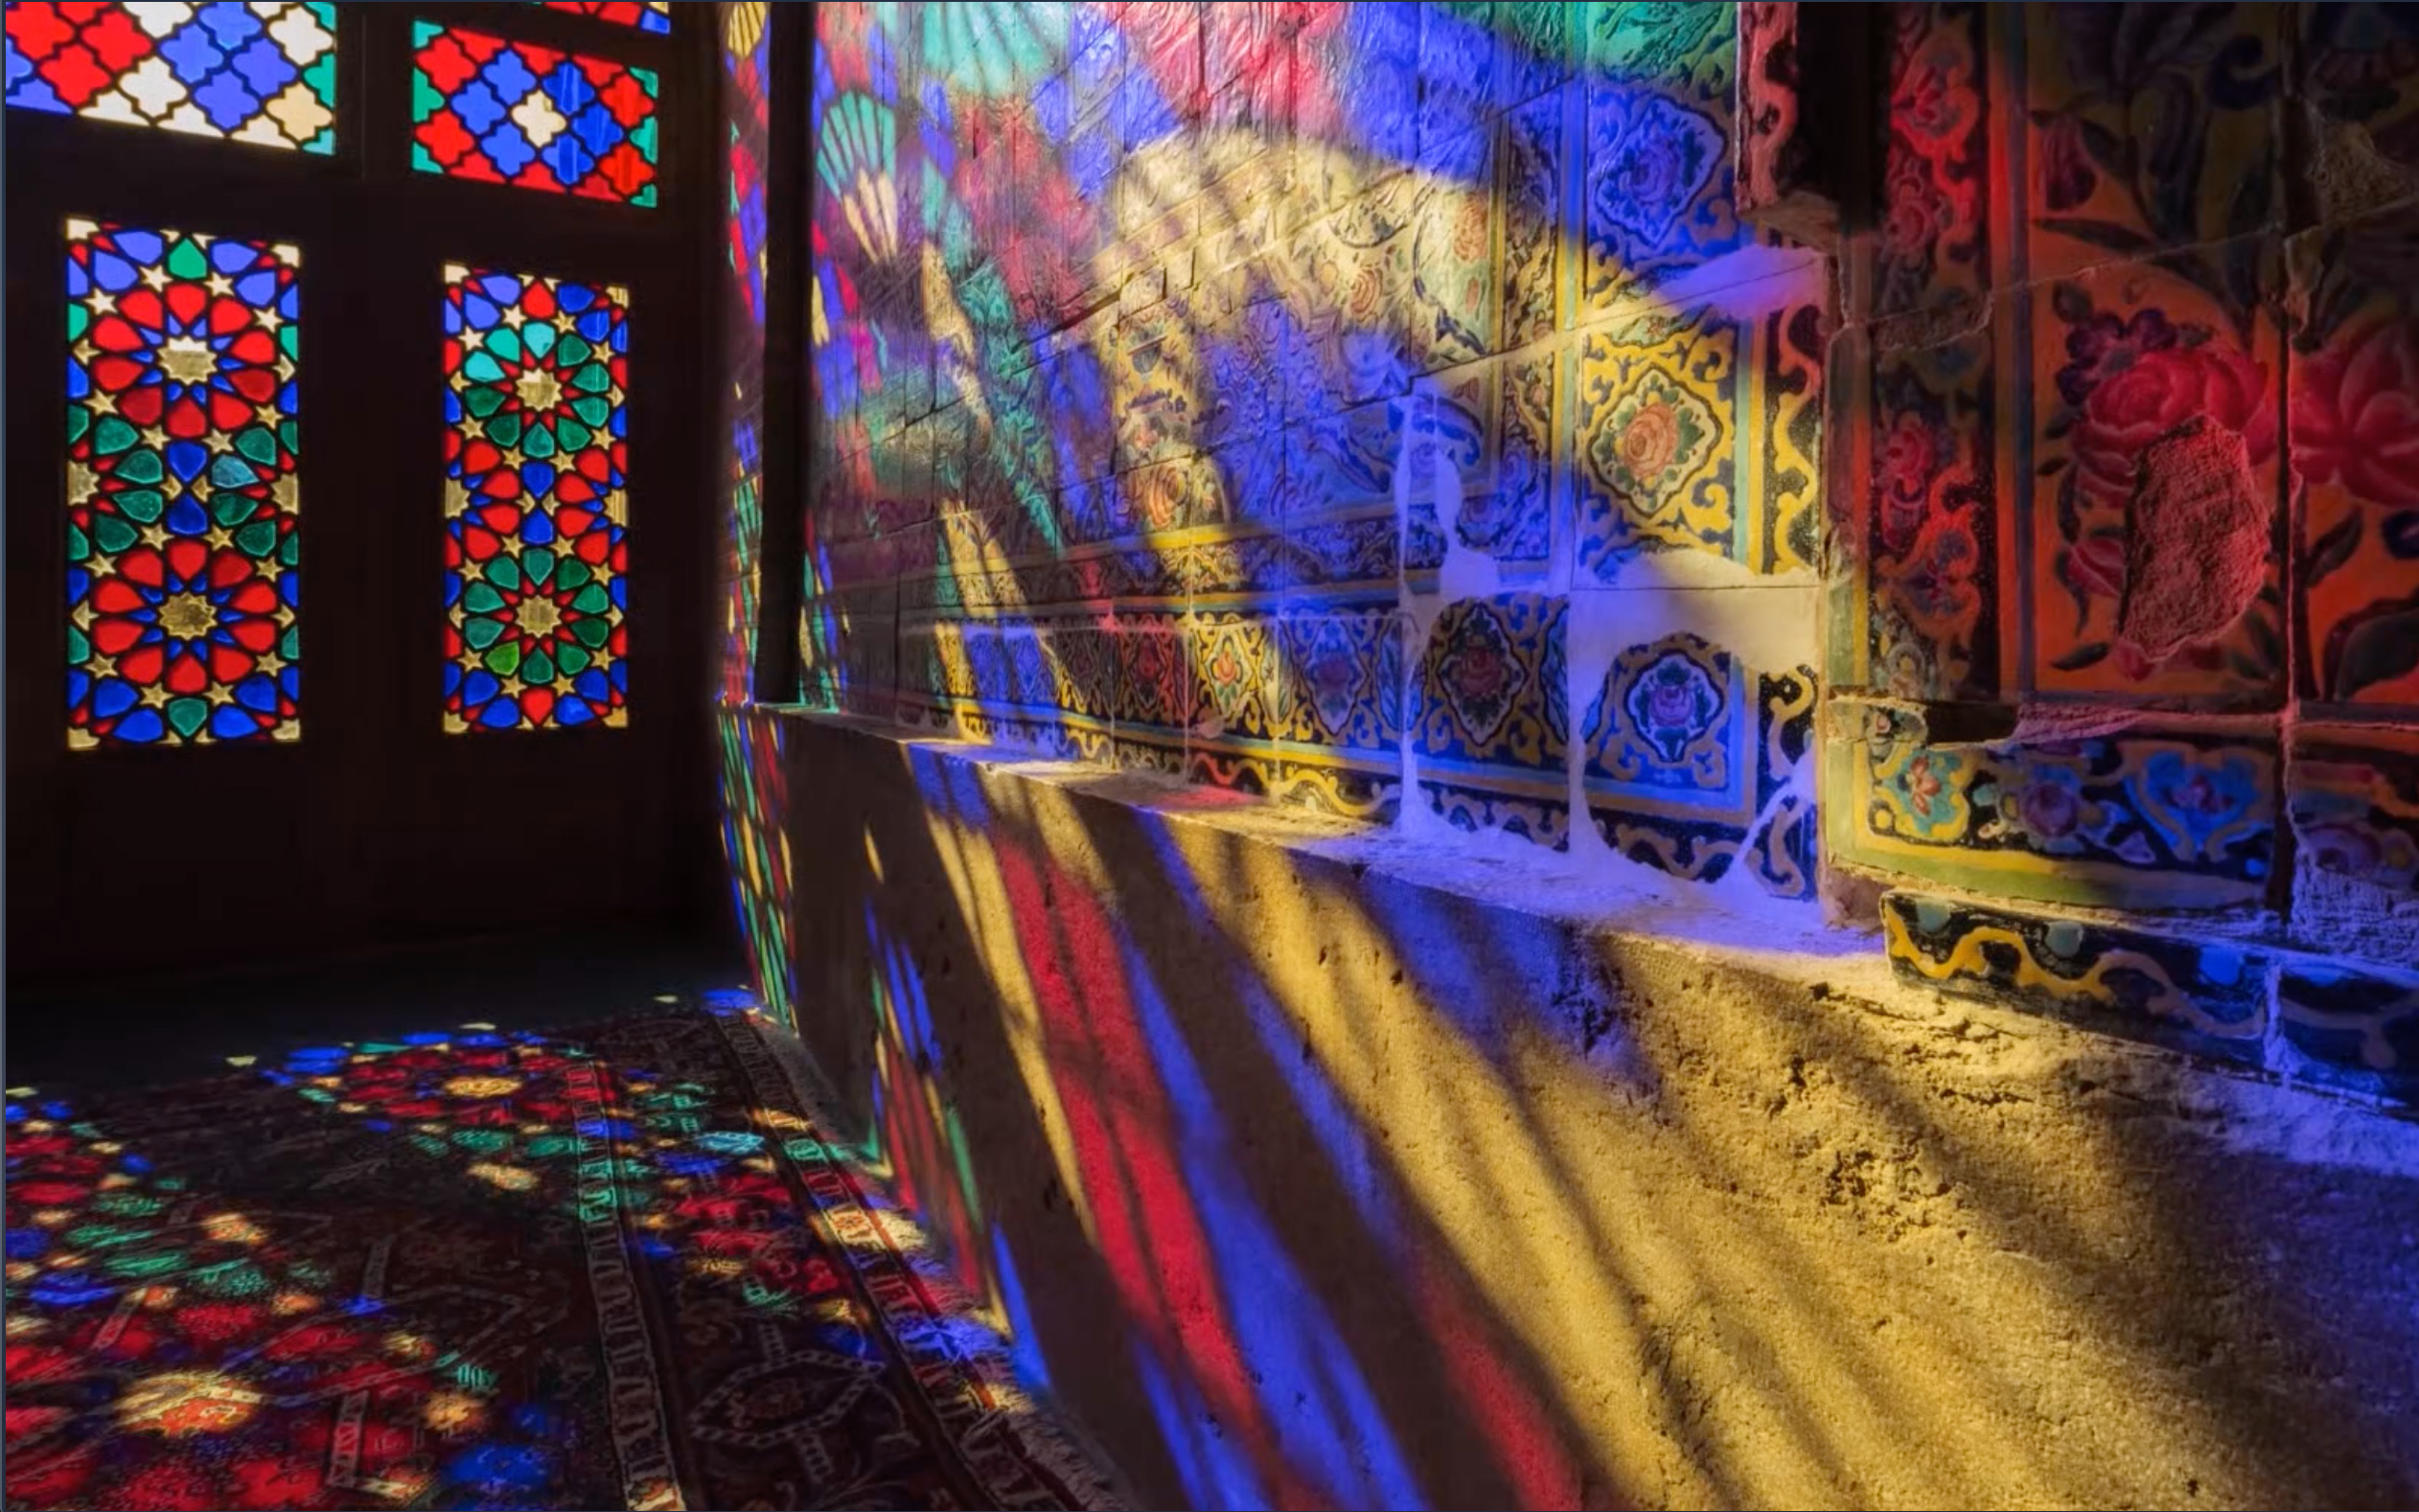 Contemple a exuberância de um espetáculo de cores